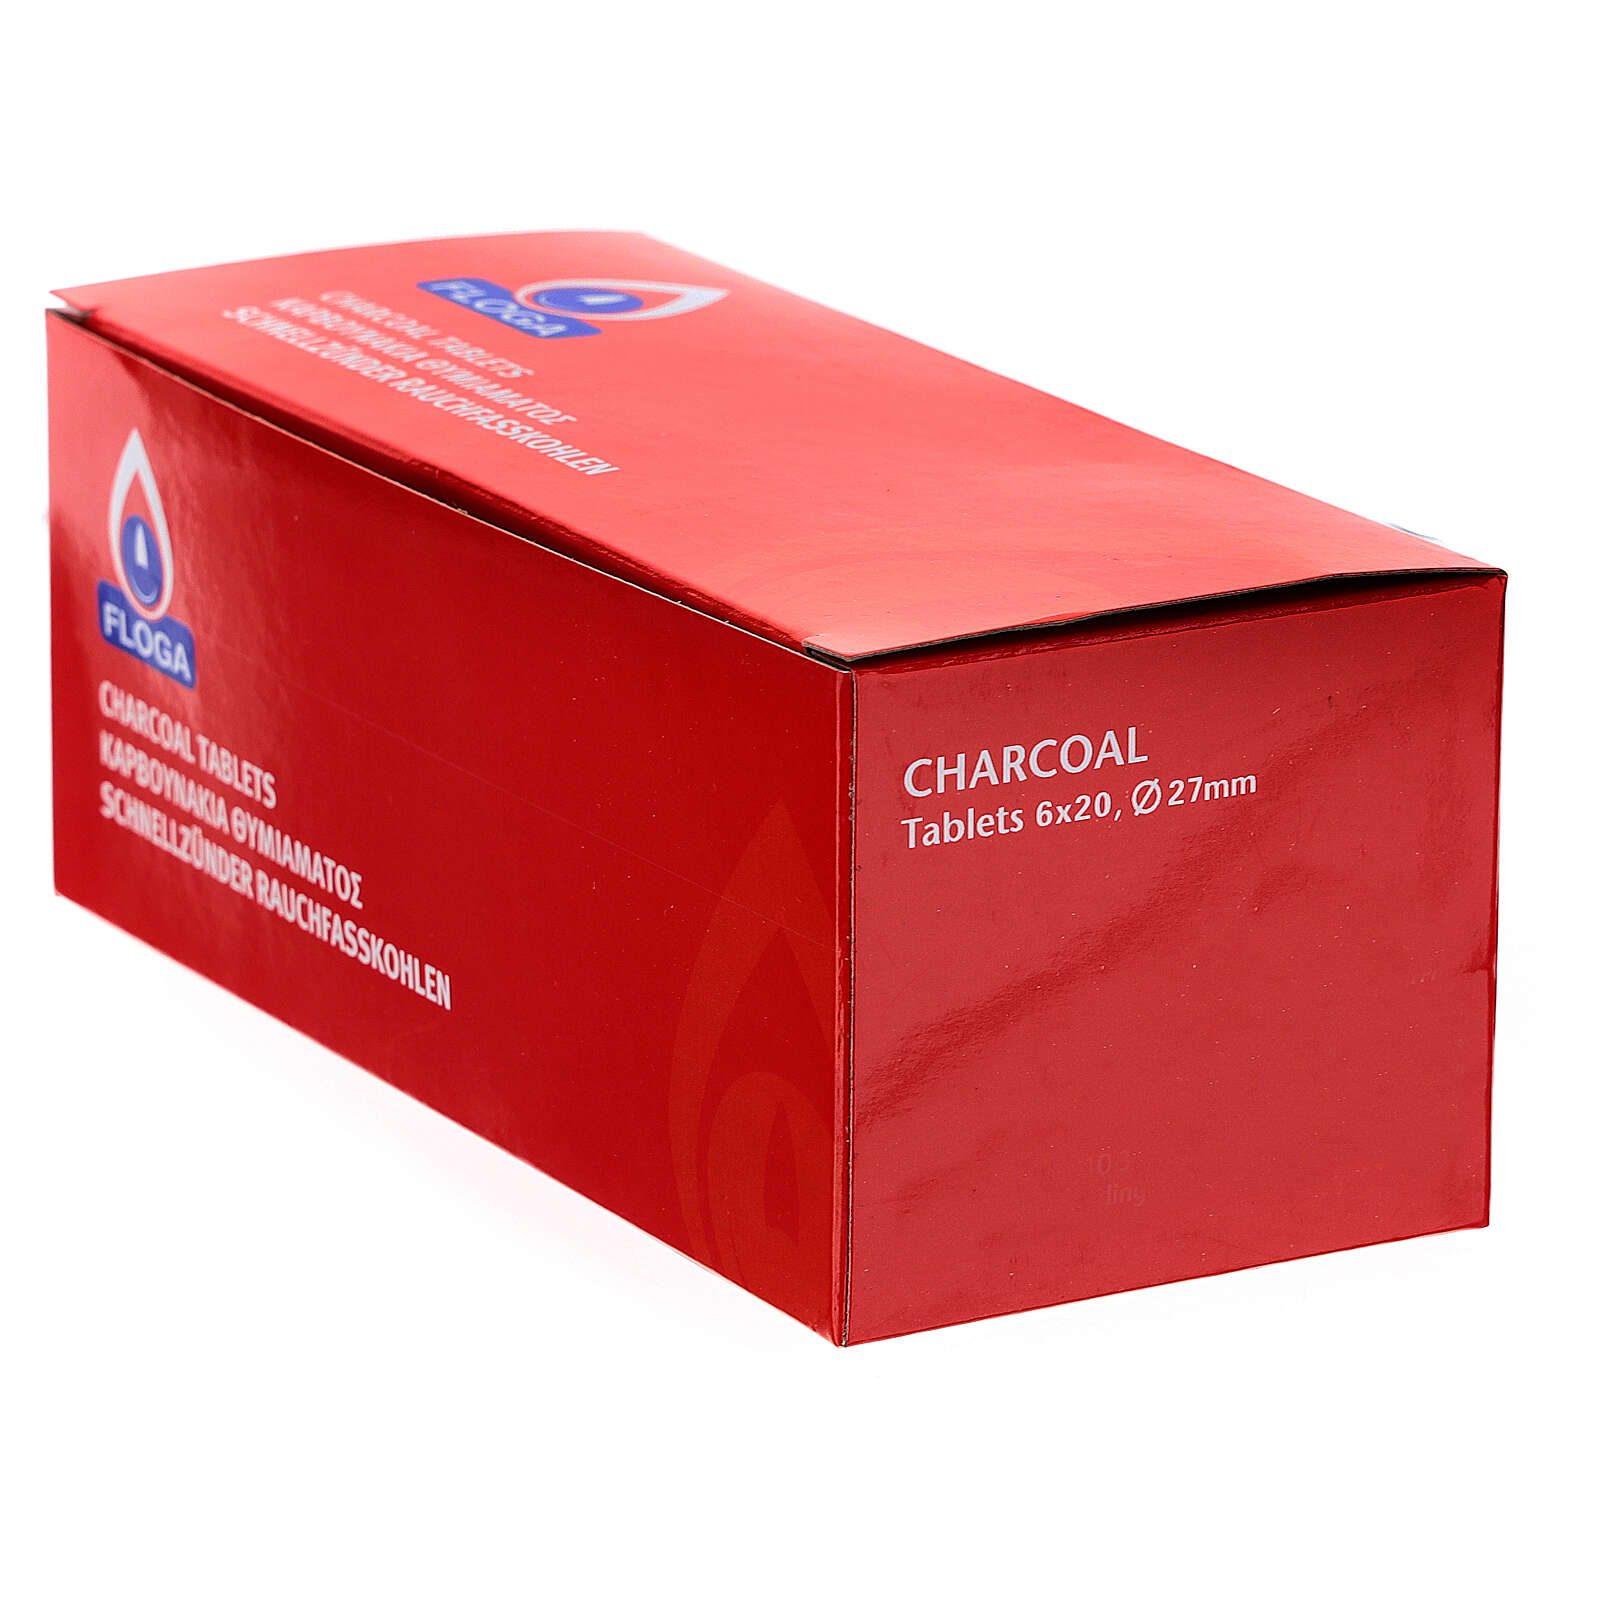 Charbons pour encens diamètre 27 mm emballage de 120 pcs 3